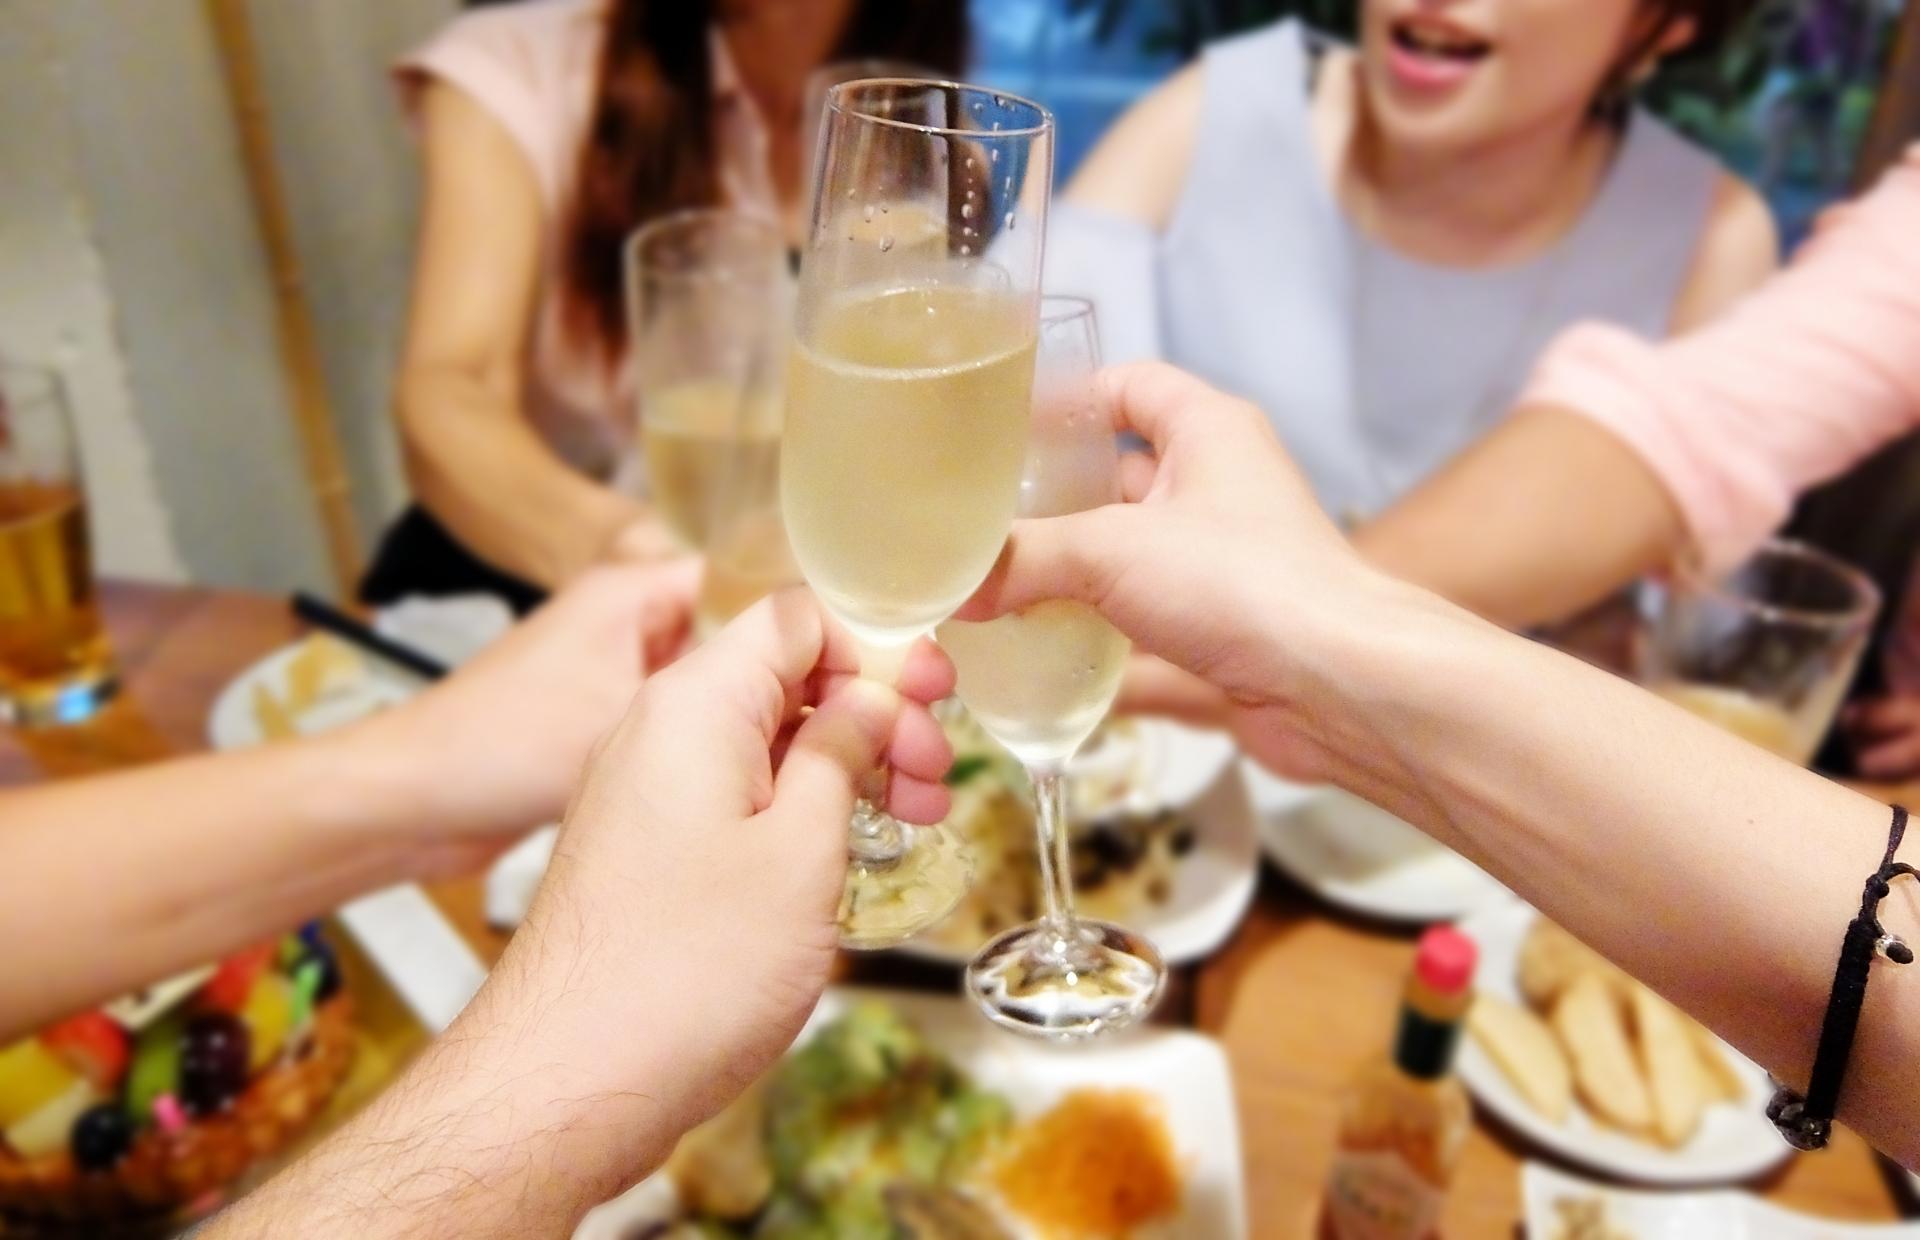 声を守る為に新年会などお酒の席で注意したい事